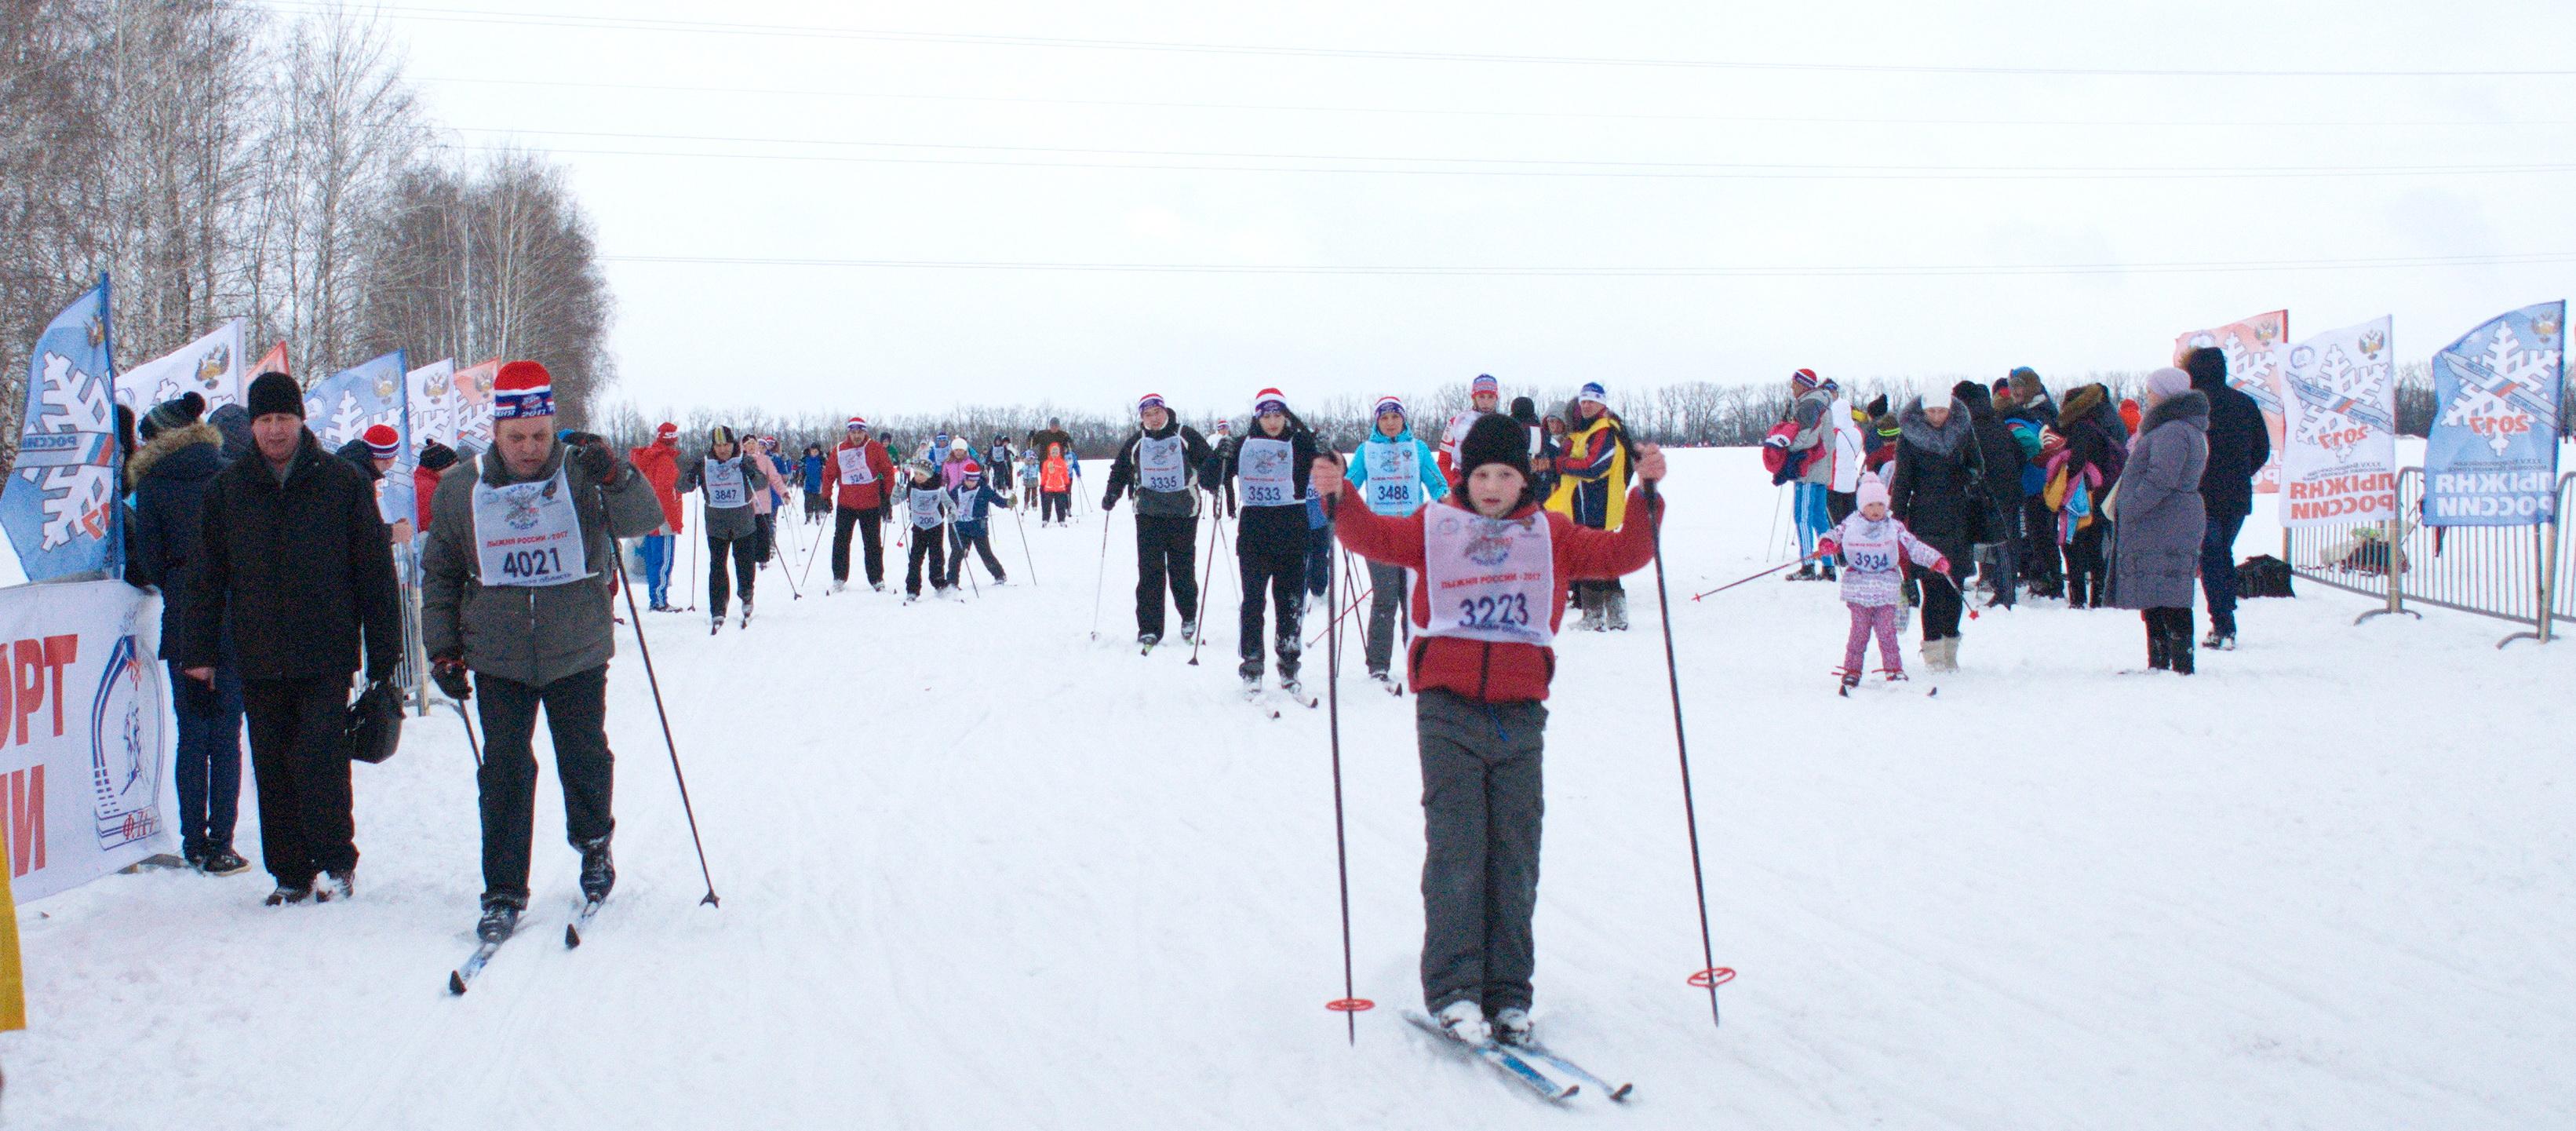 Лыжня-фото Марии Беляковой2